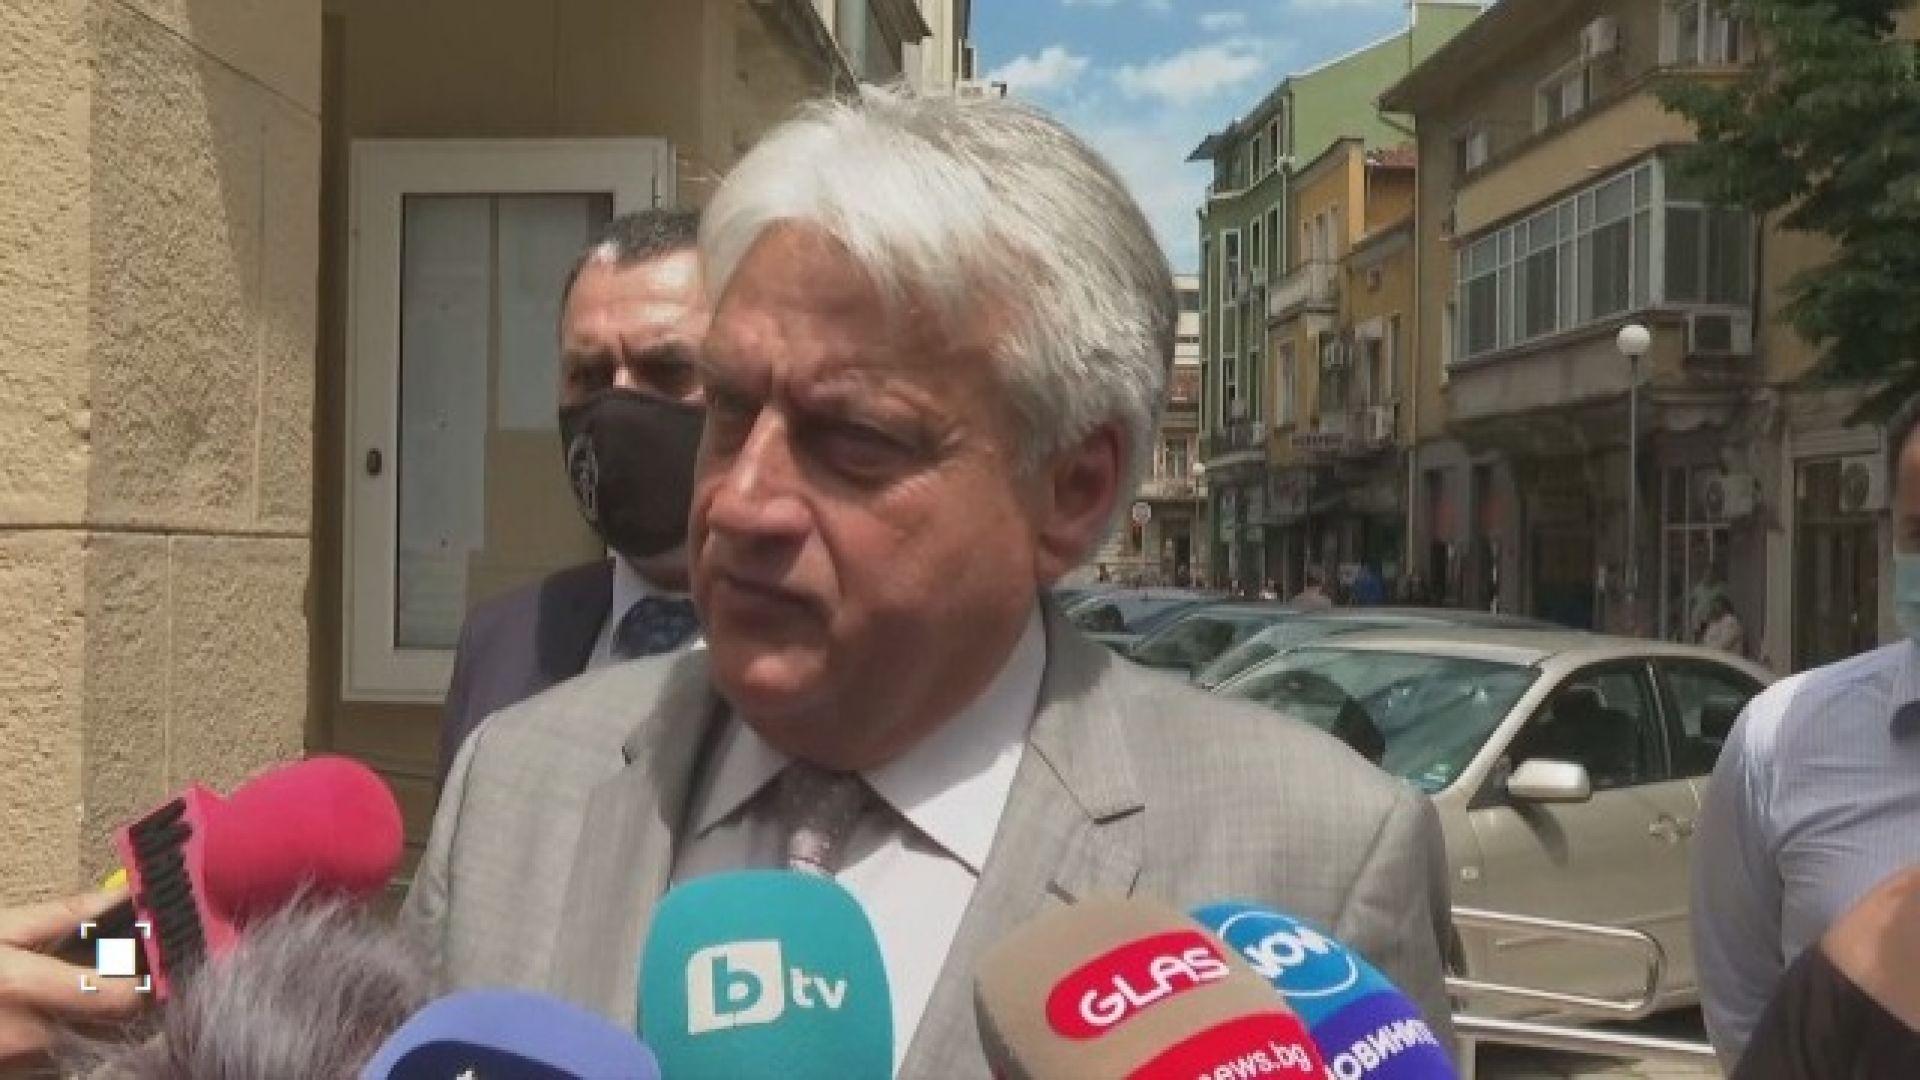 Бойко Рашков: От днес СДВР има нов директор, не мога да приема да се мълчи, когато бият хора